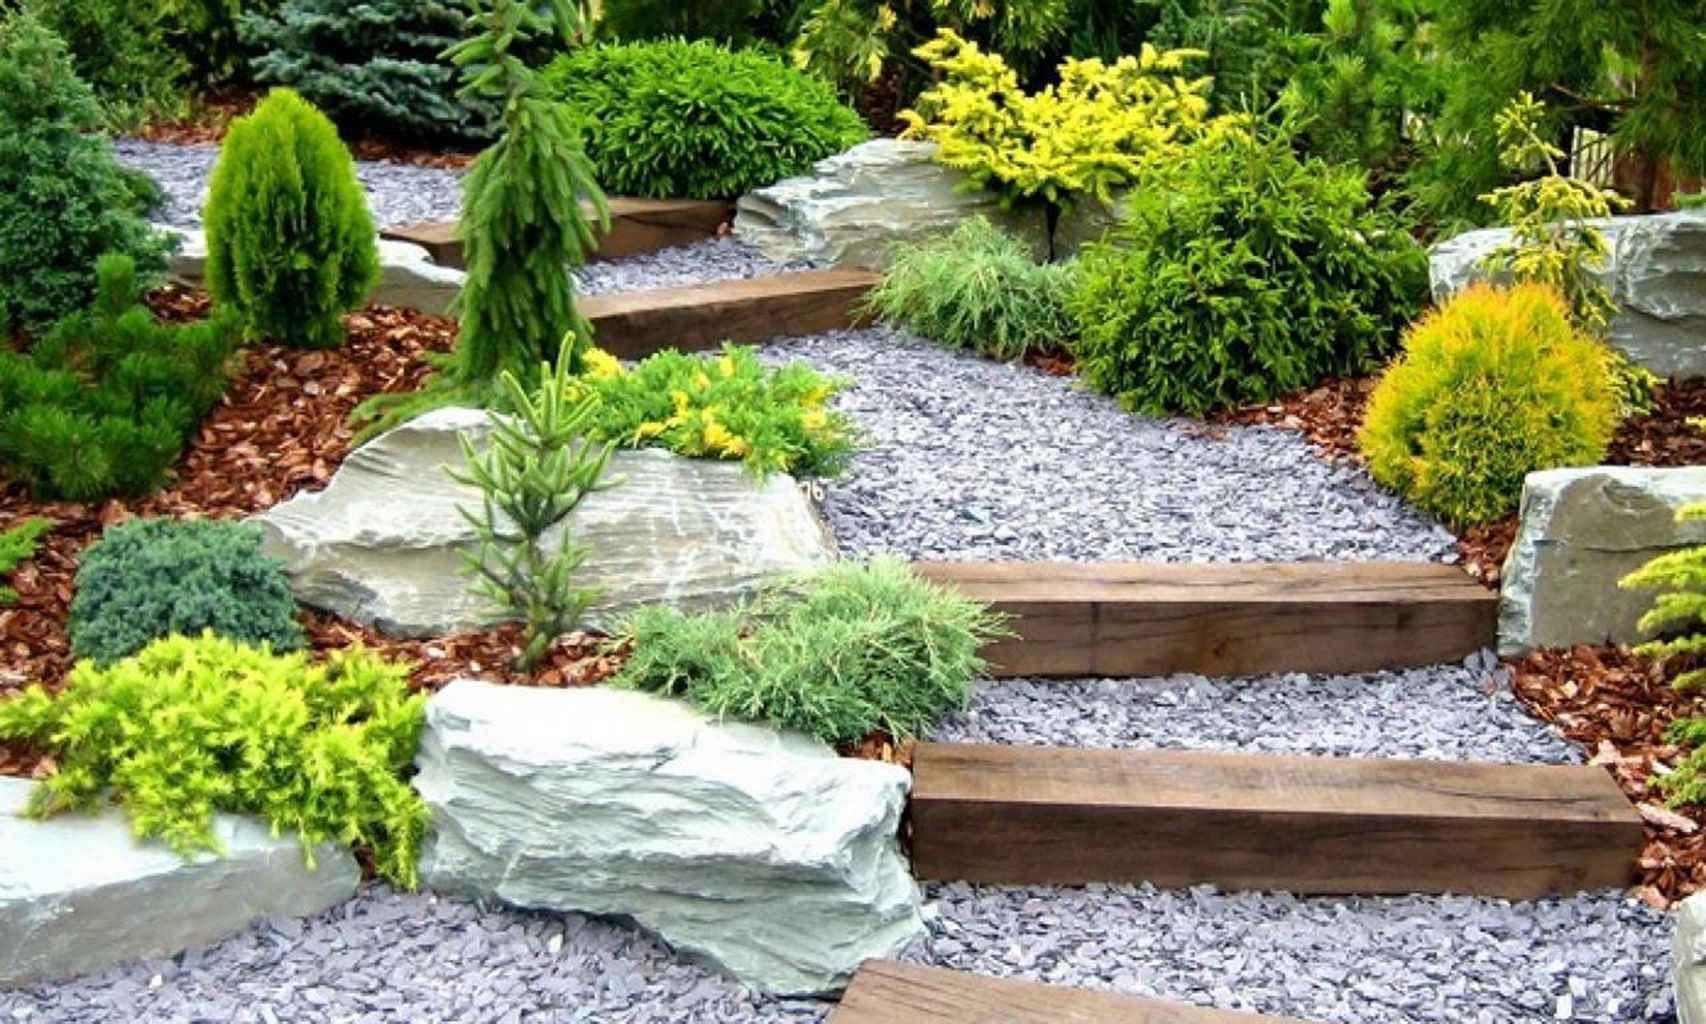 75 Awesome Backyard Vegetable Garden Design Ideas ...